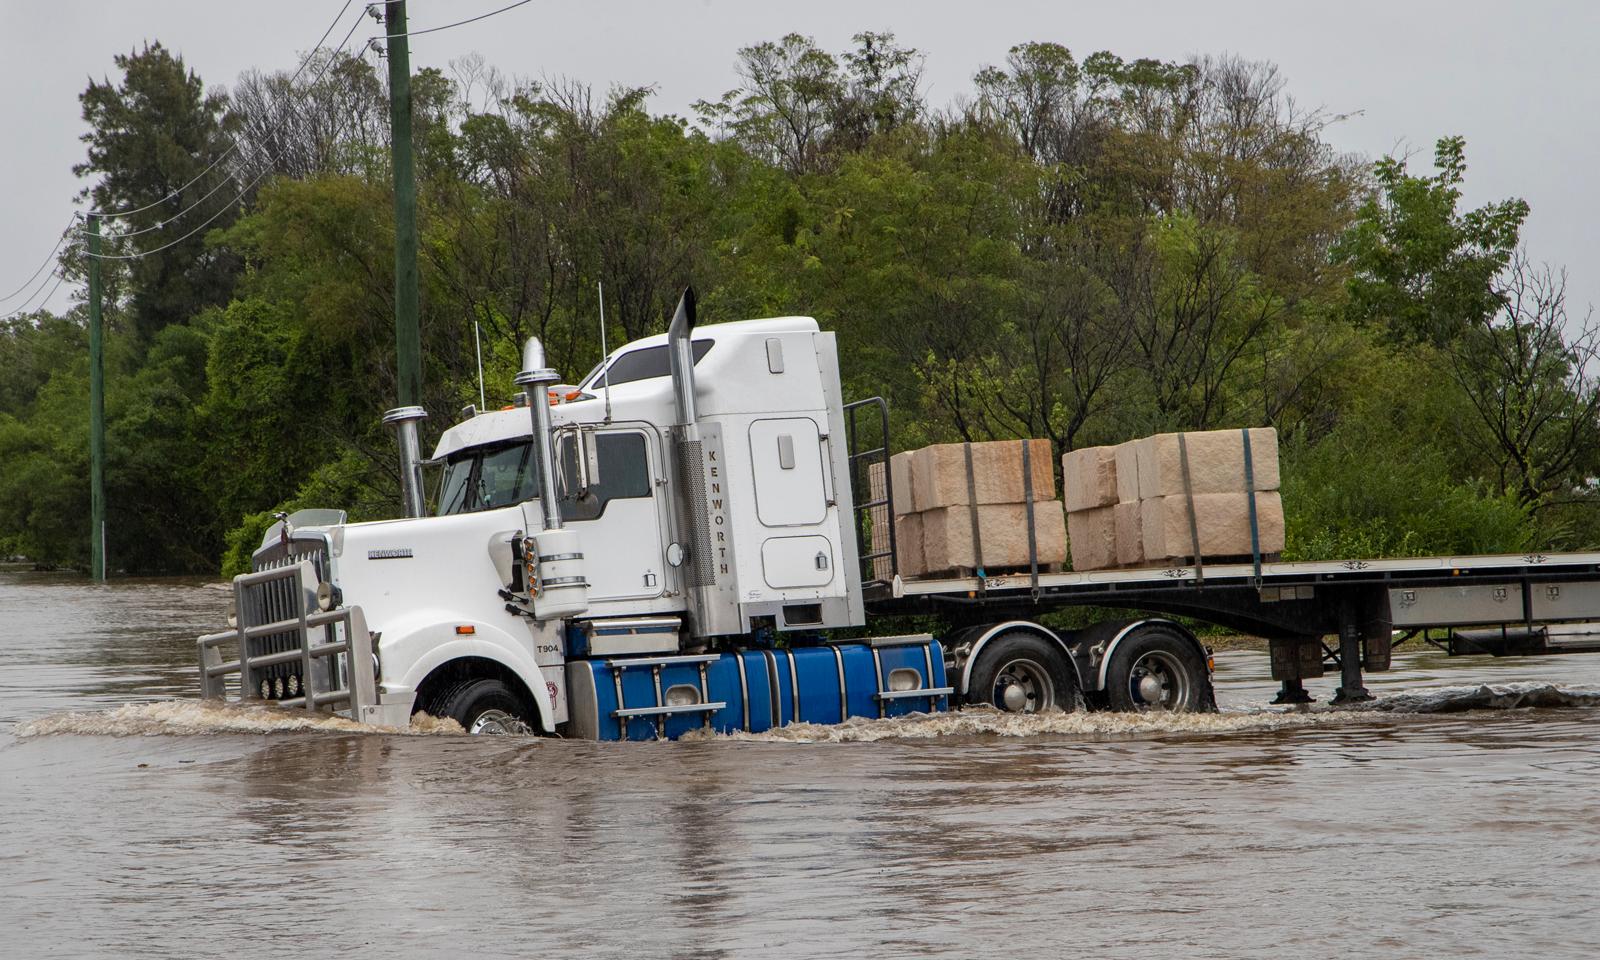 ایک ٹرک سیلابی پانی کے ریلے سے نکلنے کی کوشش کررہا ہے— فوٹو: اے پی